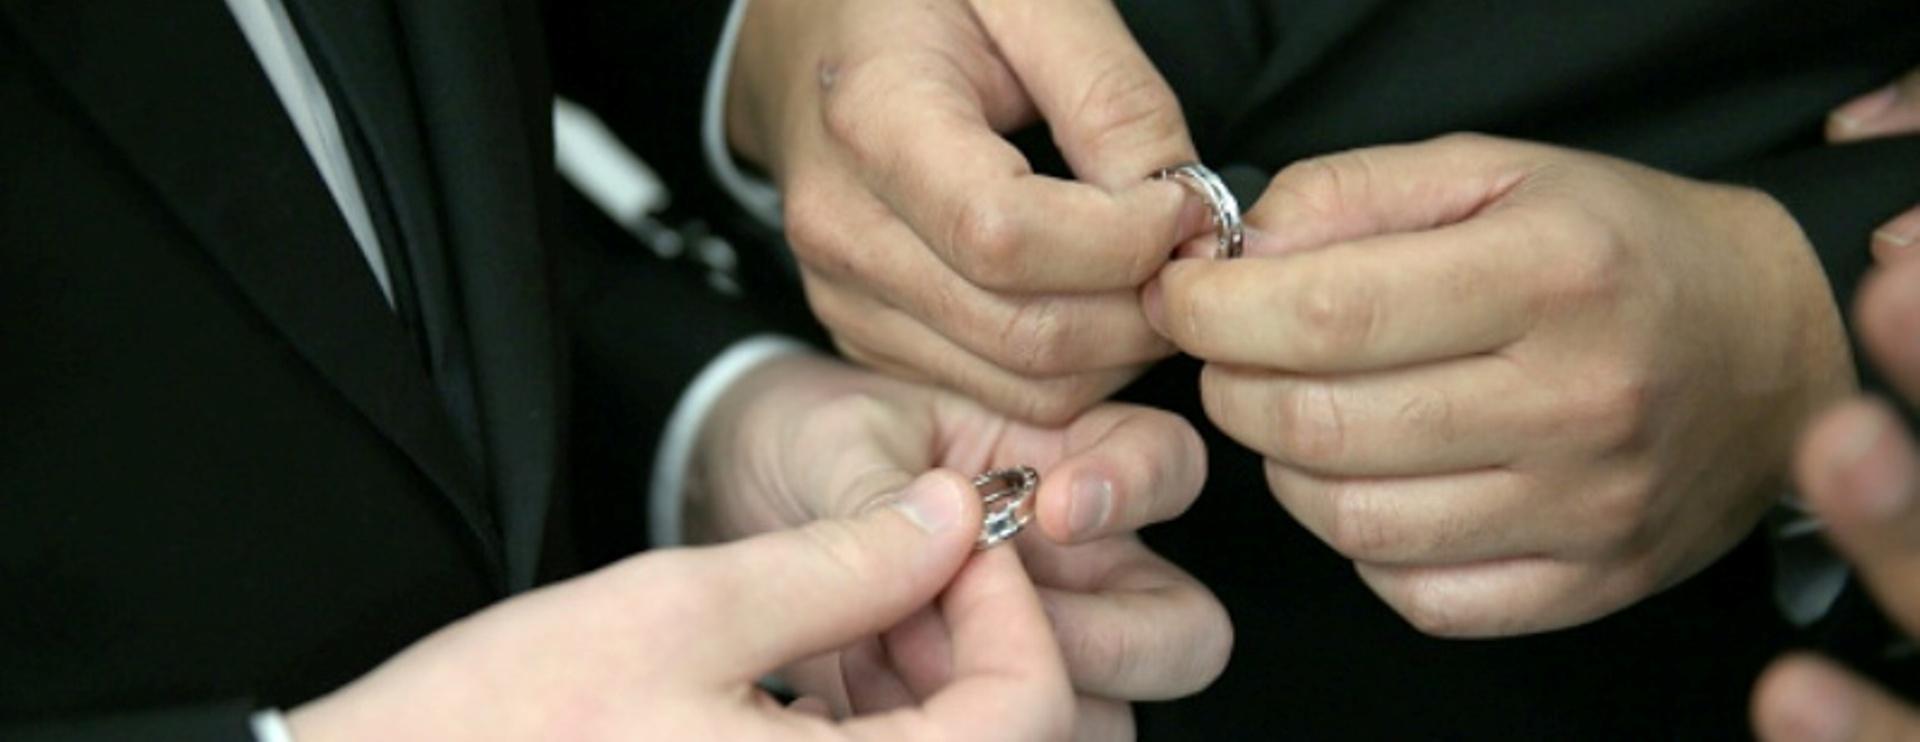 POVIJESNA PRESUDA Homoseksualni brakovi legalizirani u cijelom SAD-u